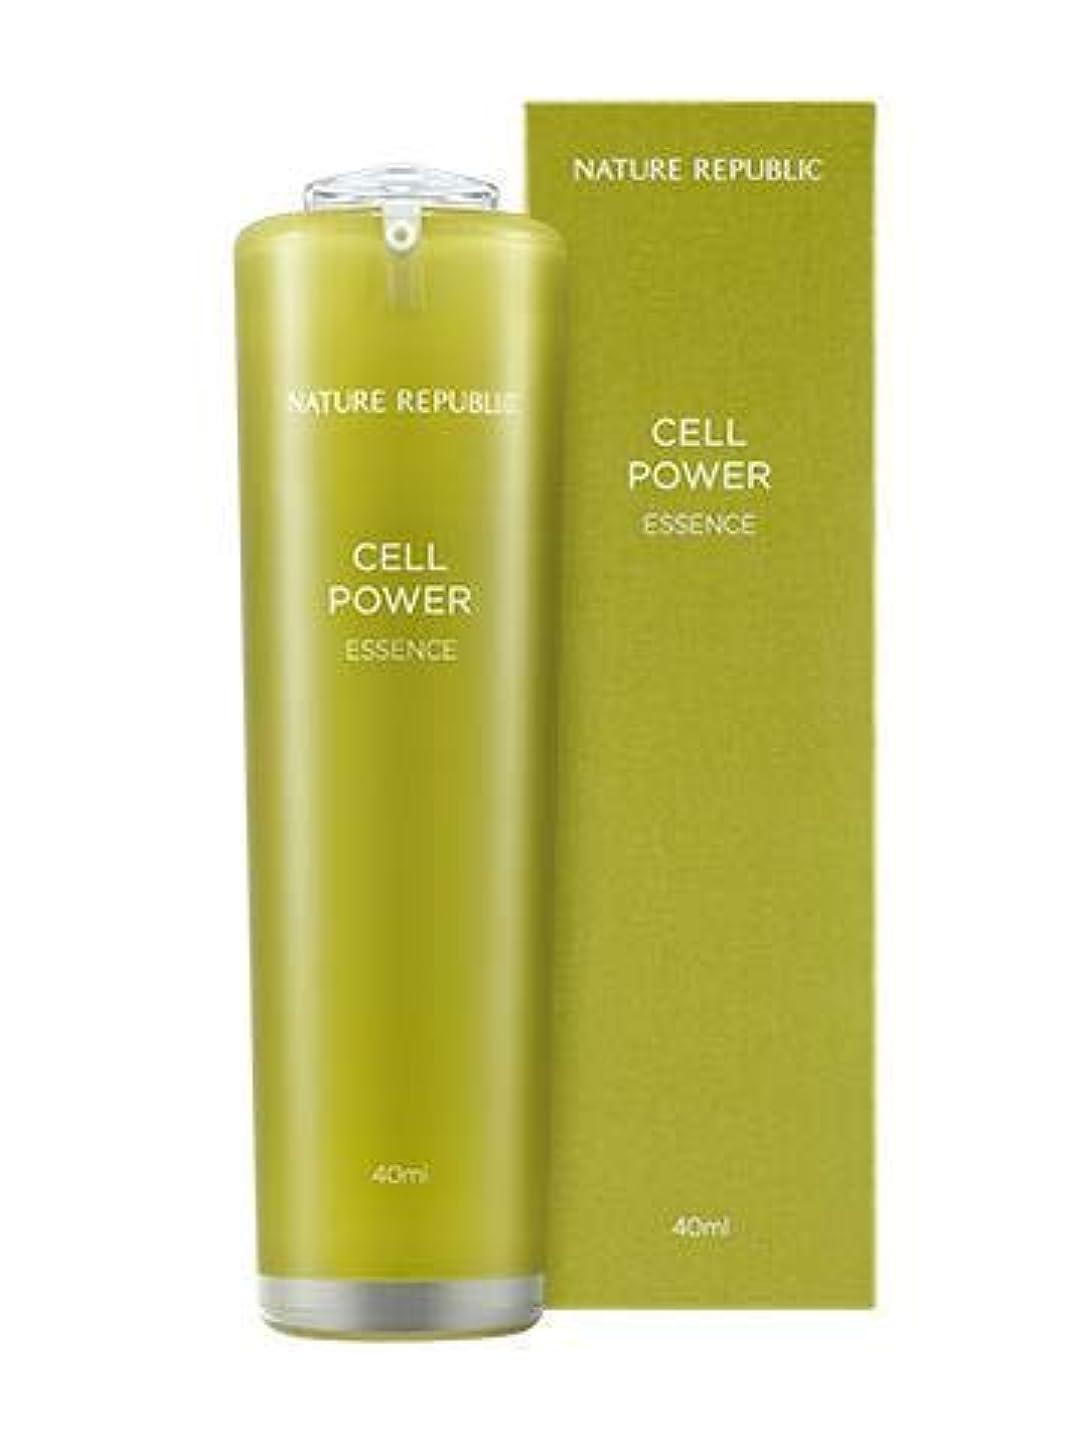 ほこりっぽいおとこつかいますNature Republic Cell Power Essence ネイチャーリパブリック セルパワー エッセンス [並行輸入品]